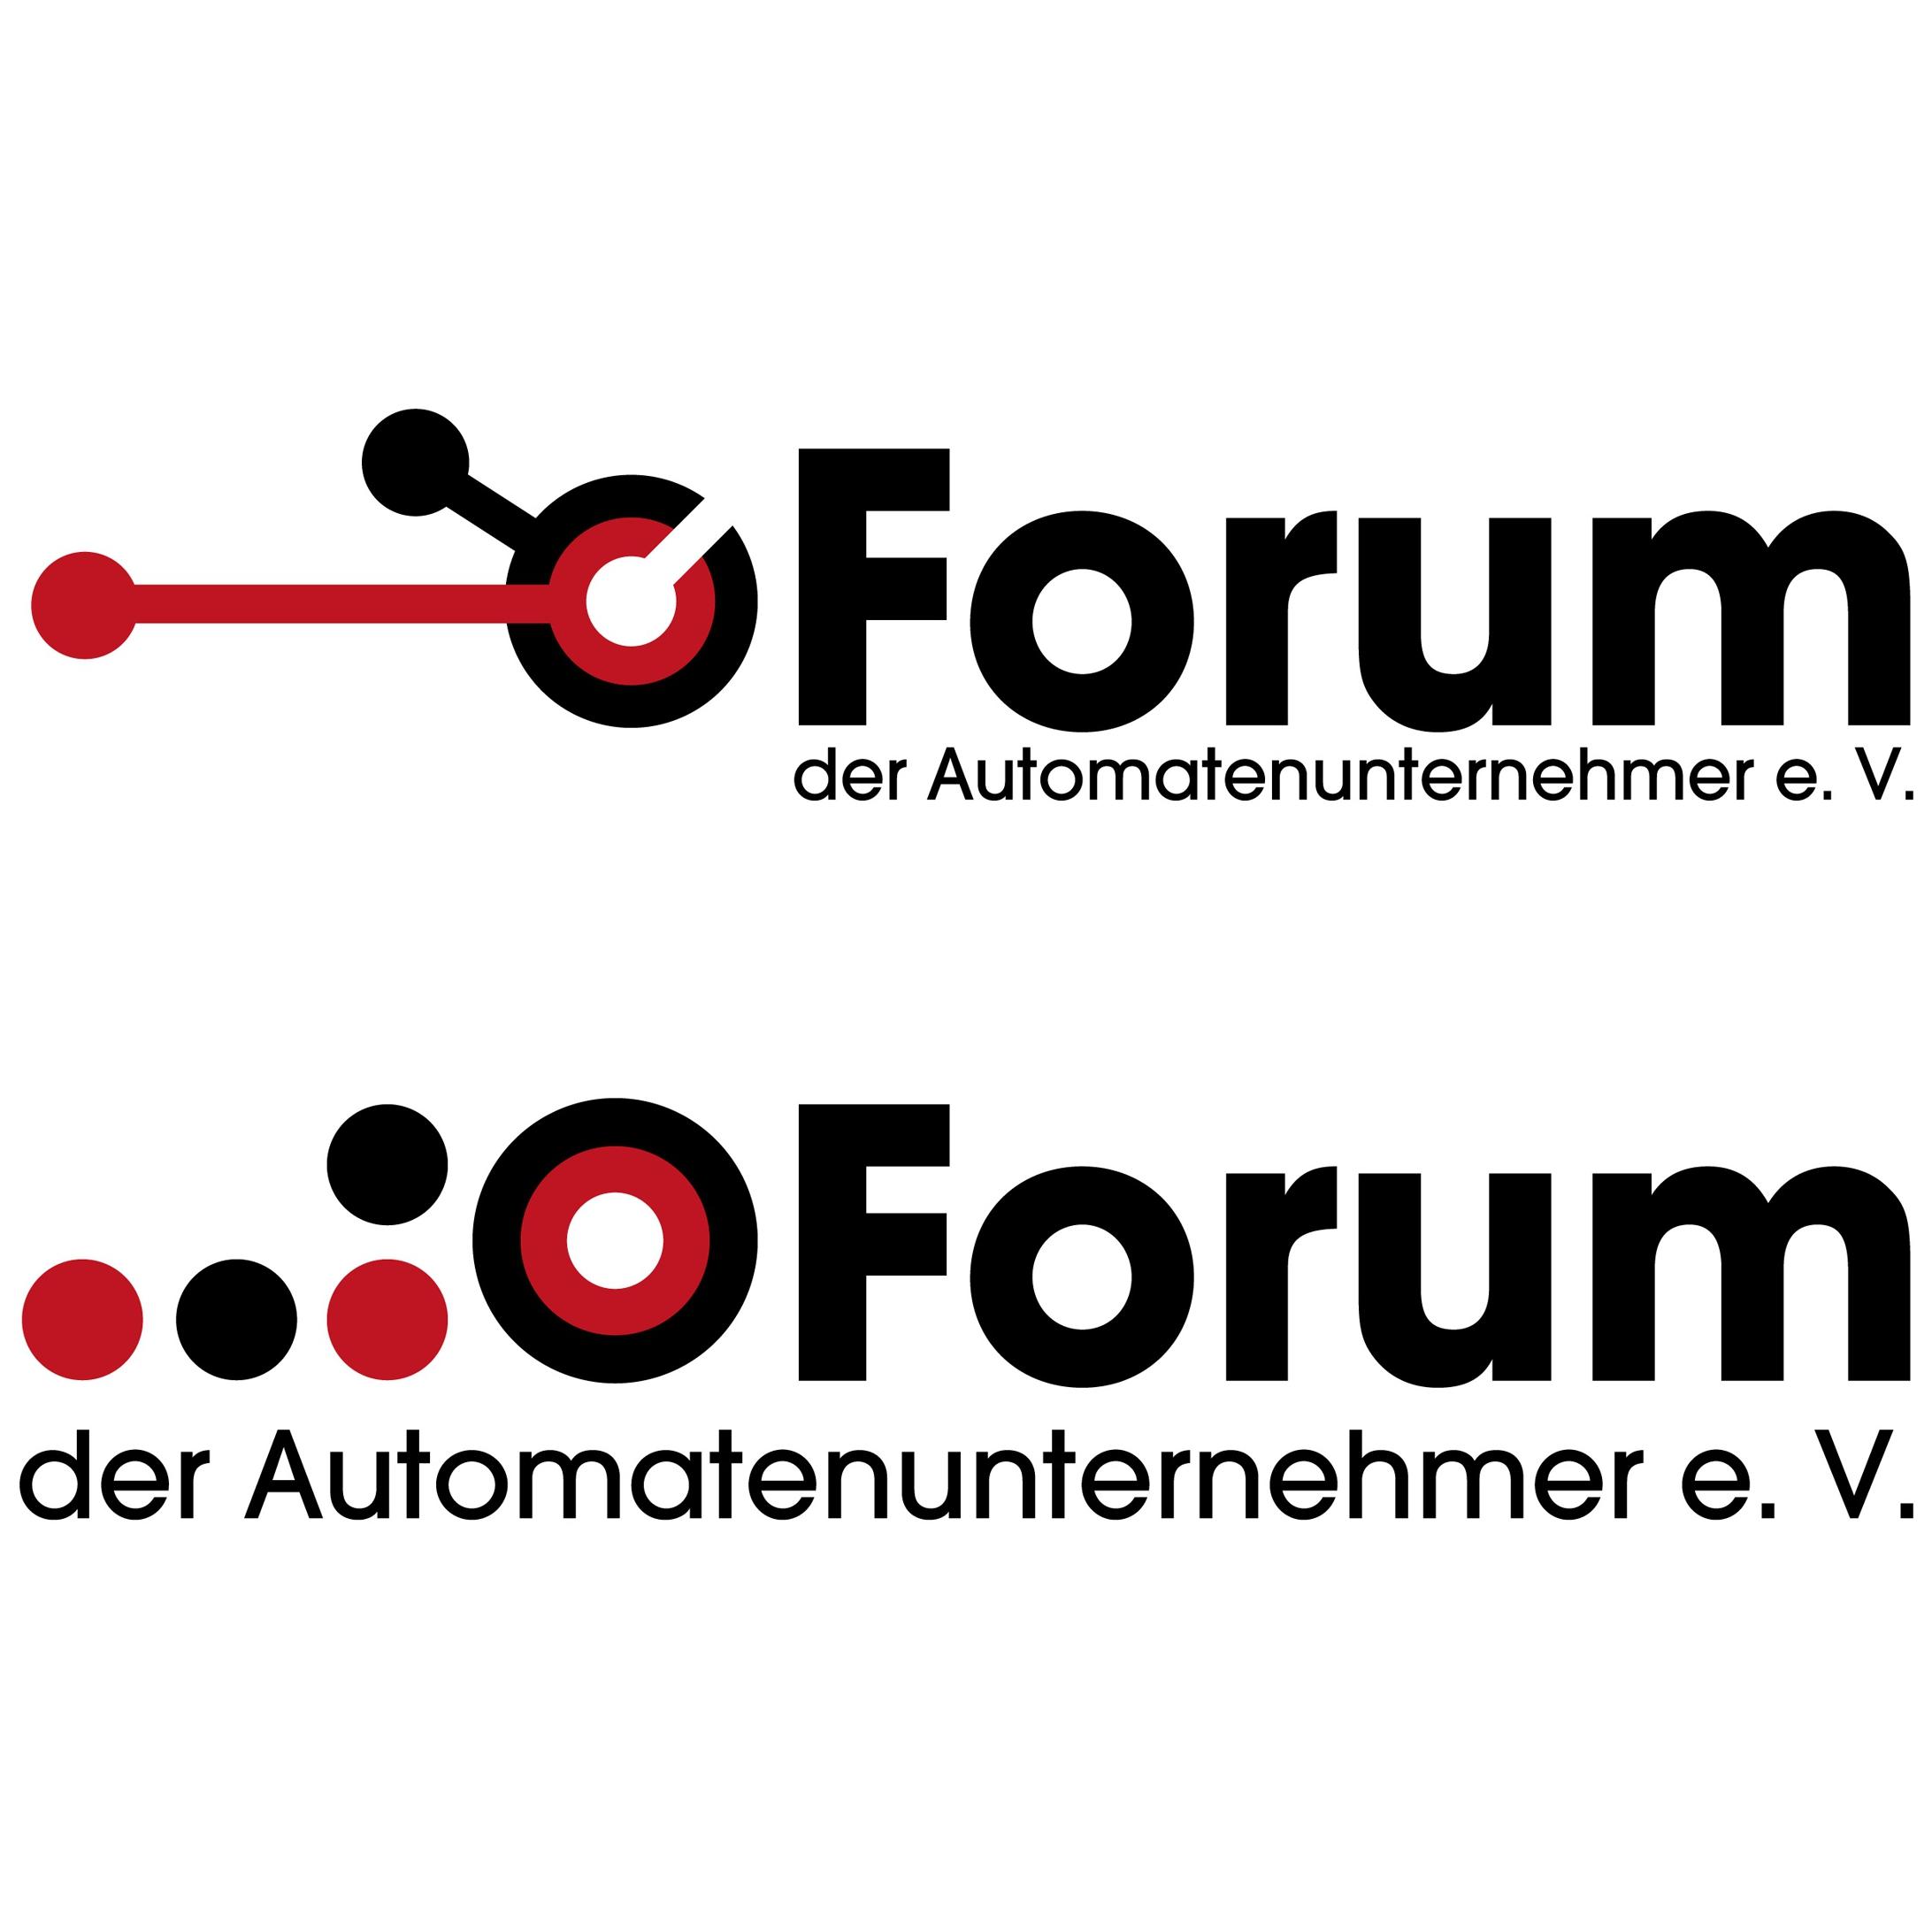 Wirtschaftsverband sucht ein neues Logo